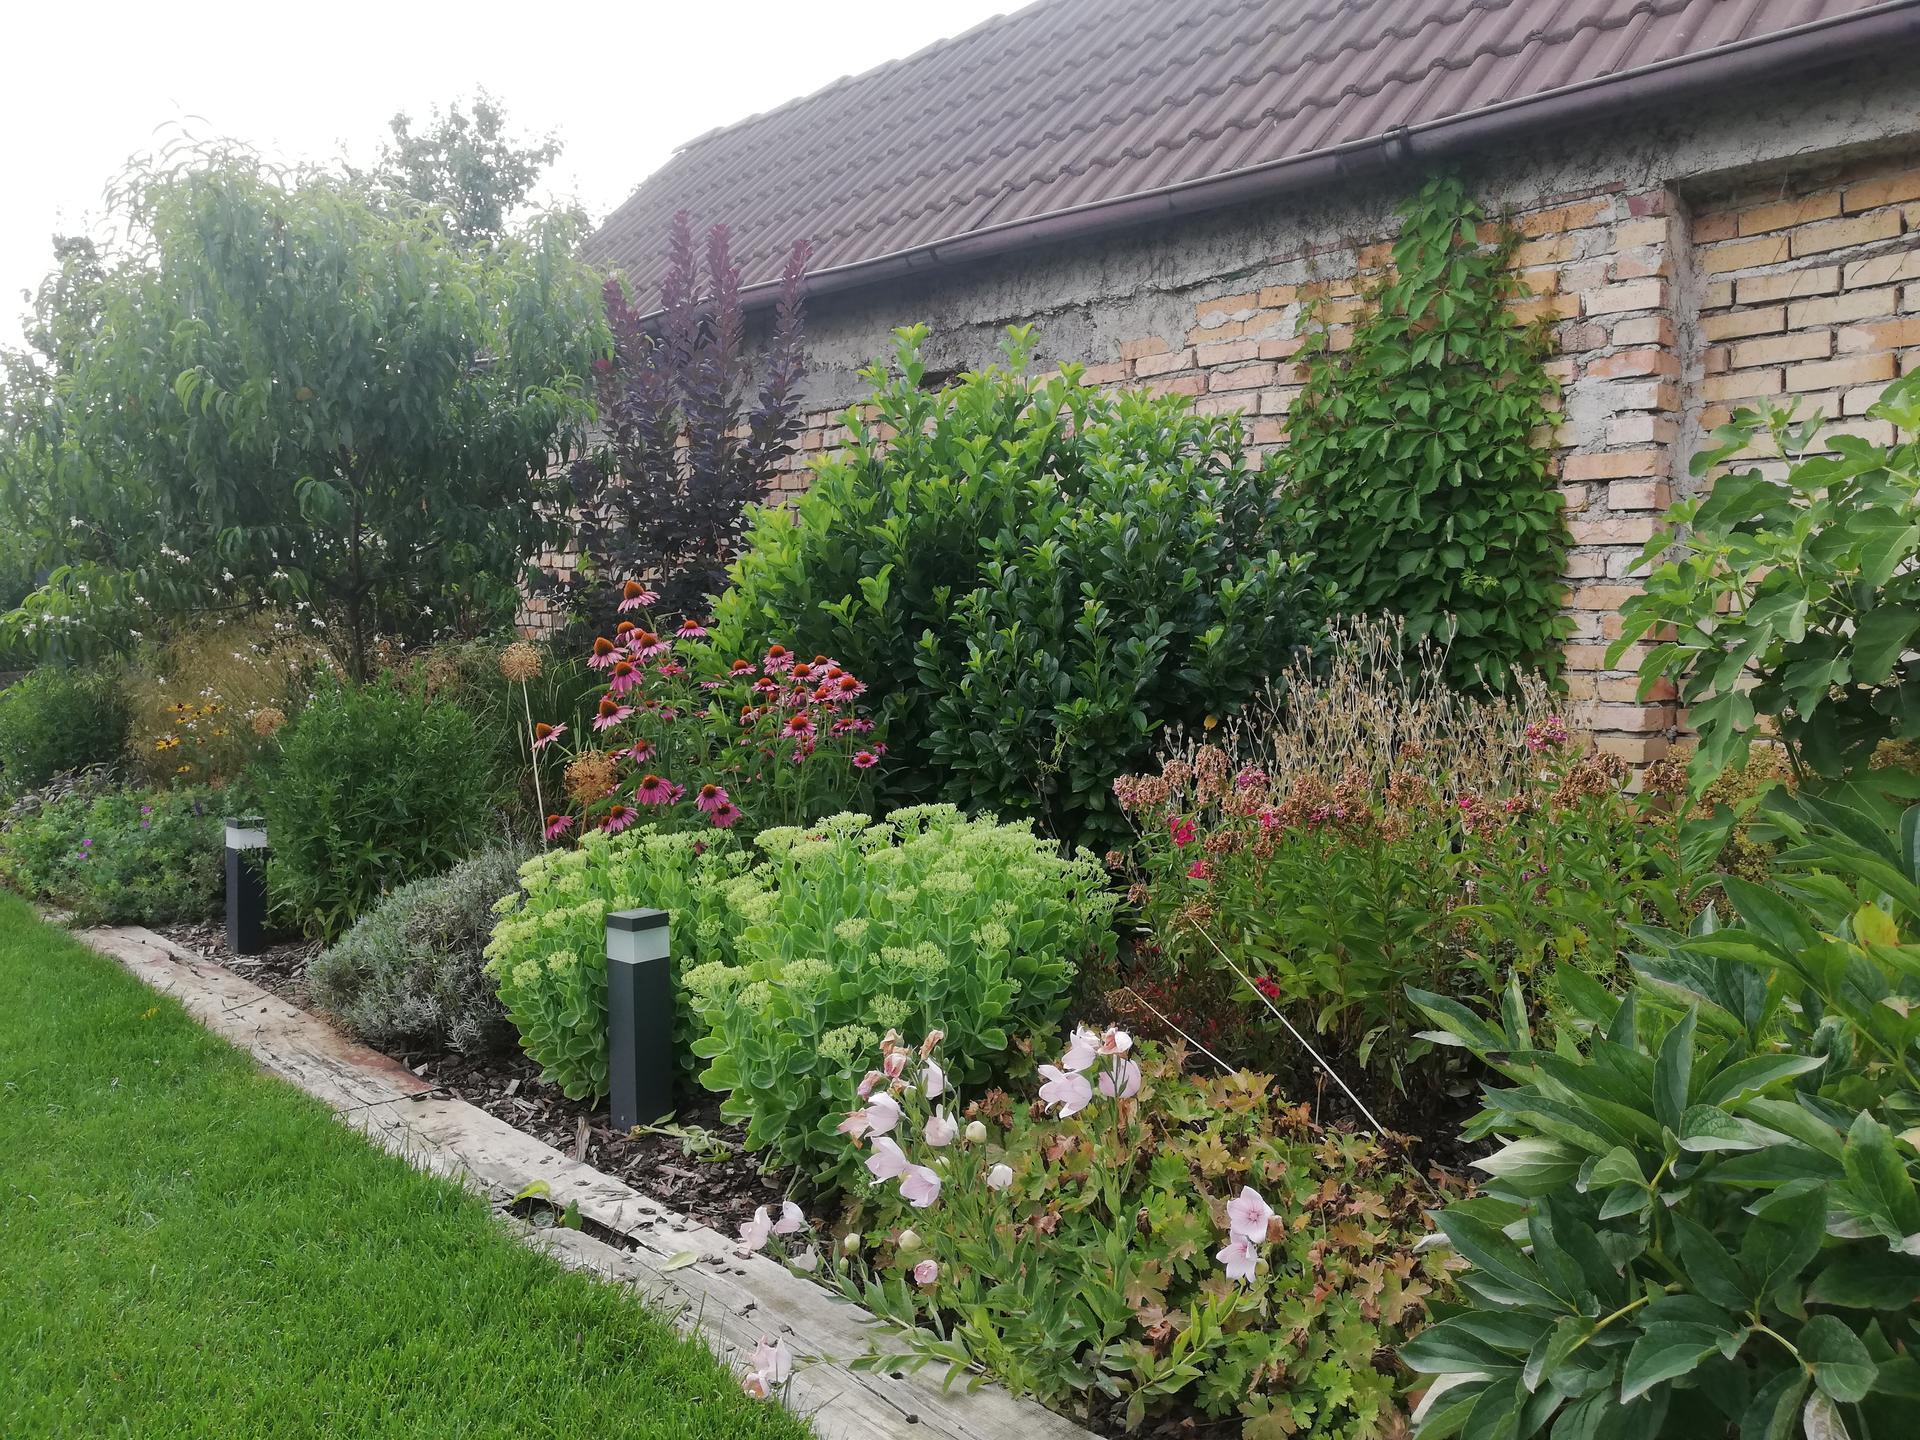 Názov stavby 3 - in da garden - Obrázok č. 270